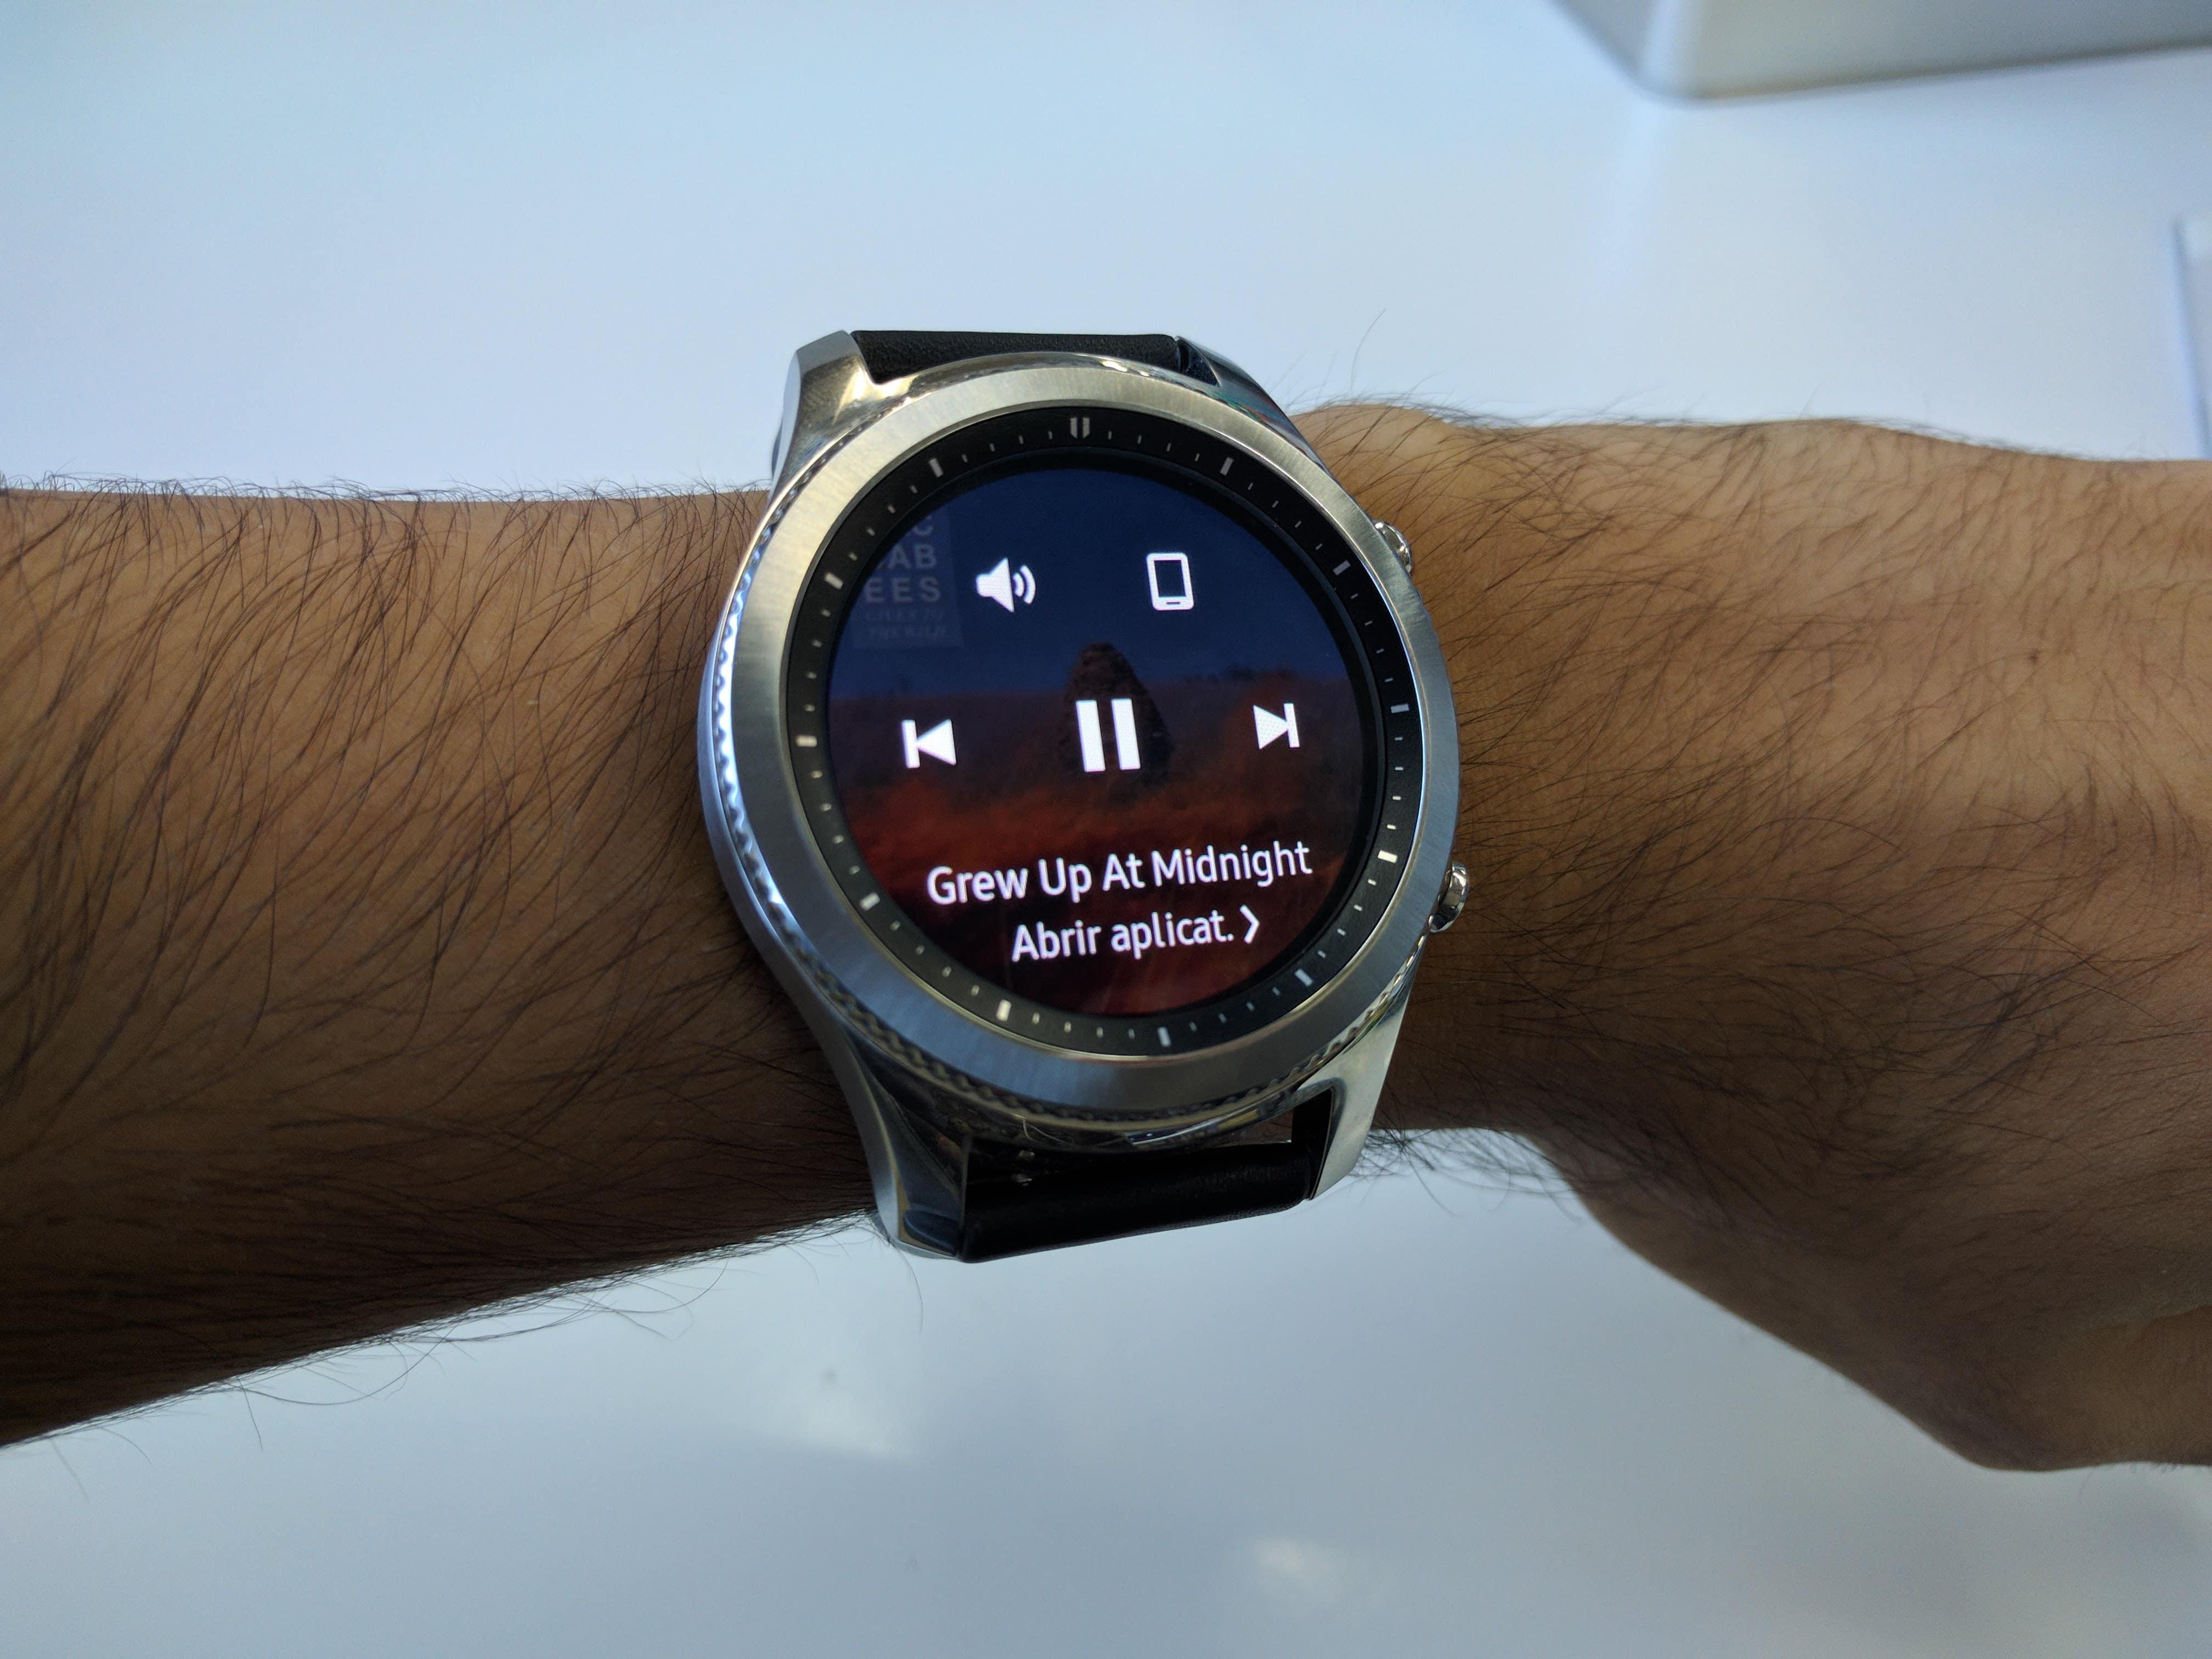 edf5d023d65 Parear o relógio com um celular Android que não seja um top de linha  recente da Samsung é uma tarefa um tanto ingrata. É preciso instalar nada  menos do que ...